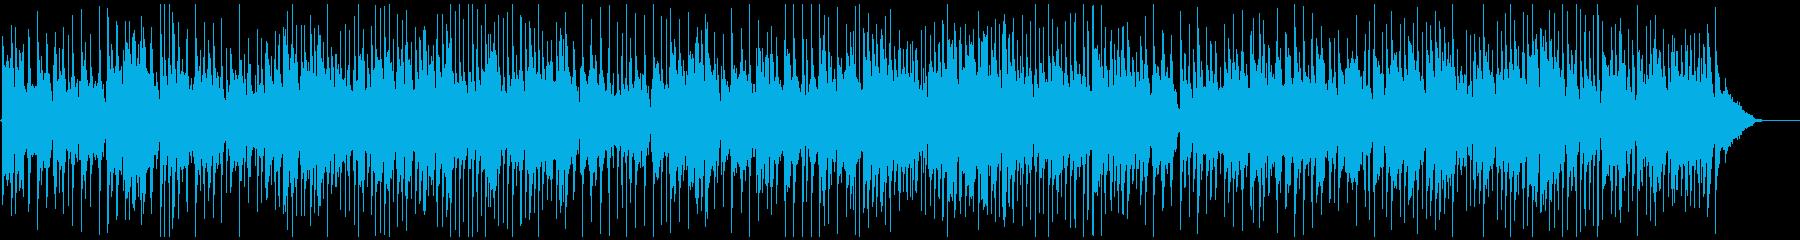 パーティの席にしゃれたジャズBGMの再生済みの波形